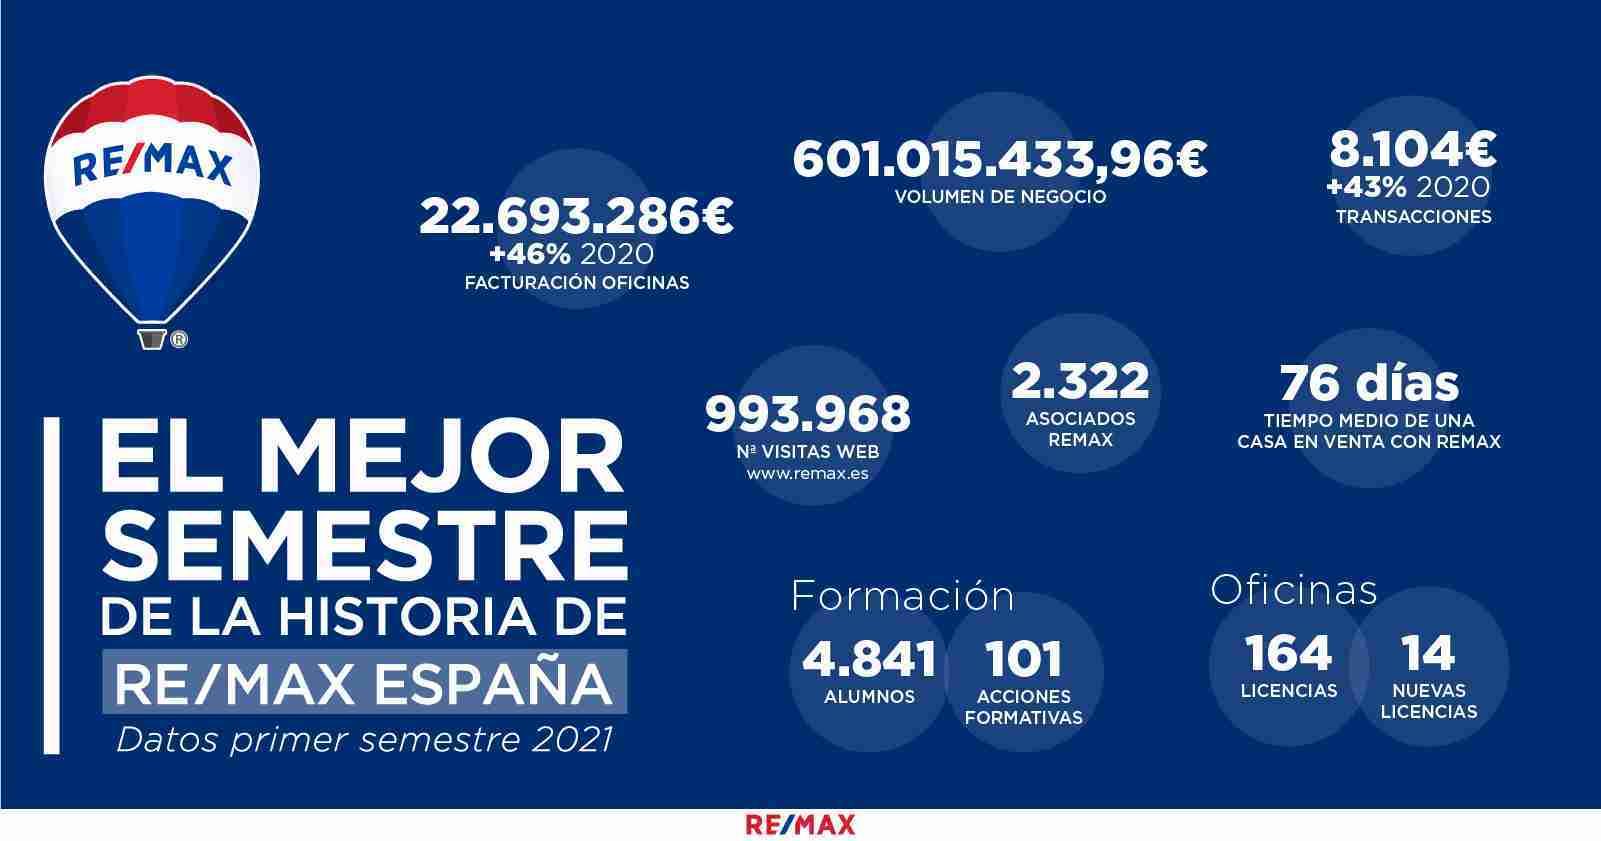 los-mejores-resultados-de-REMAX-España